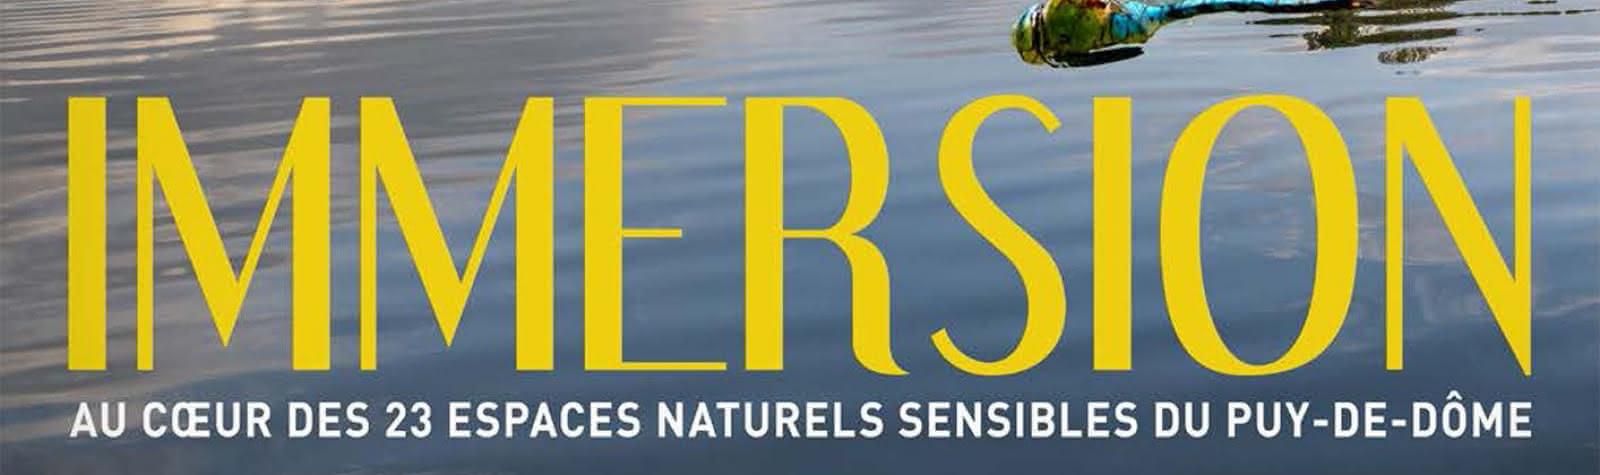 © Exposition Immersion au cœur de 23 espaces naturels sensibles